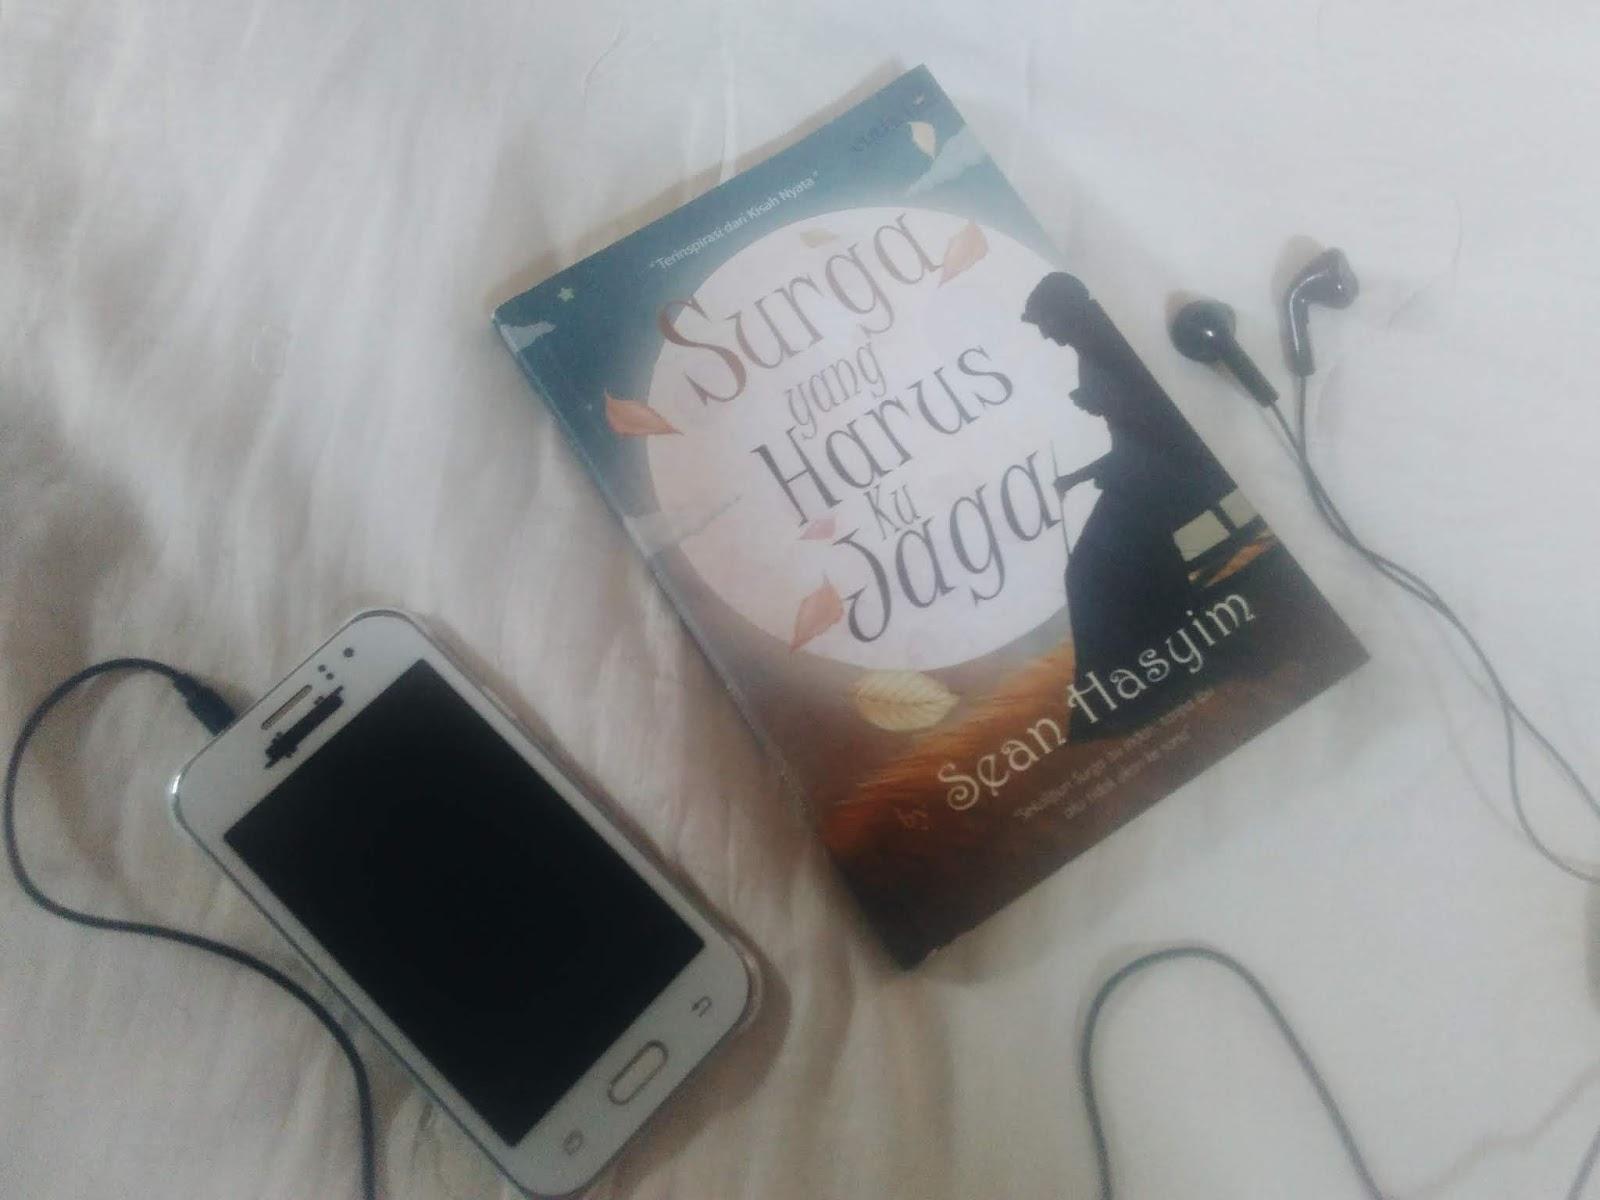 Review Buku Surga Yang Harus Kujaga by Sean Hasyim